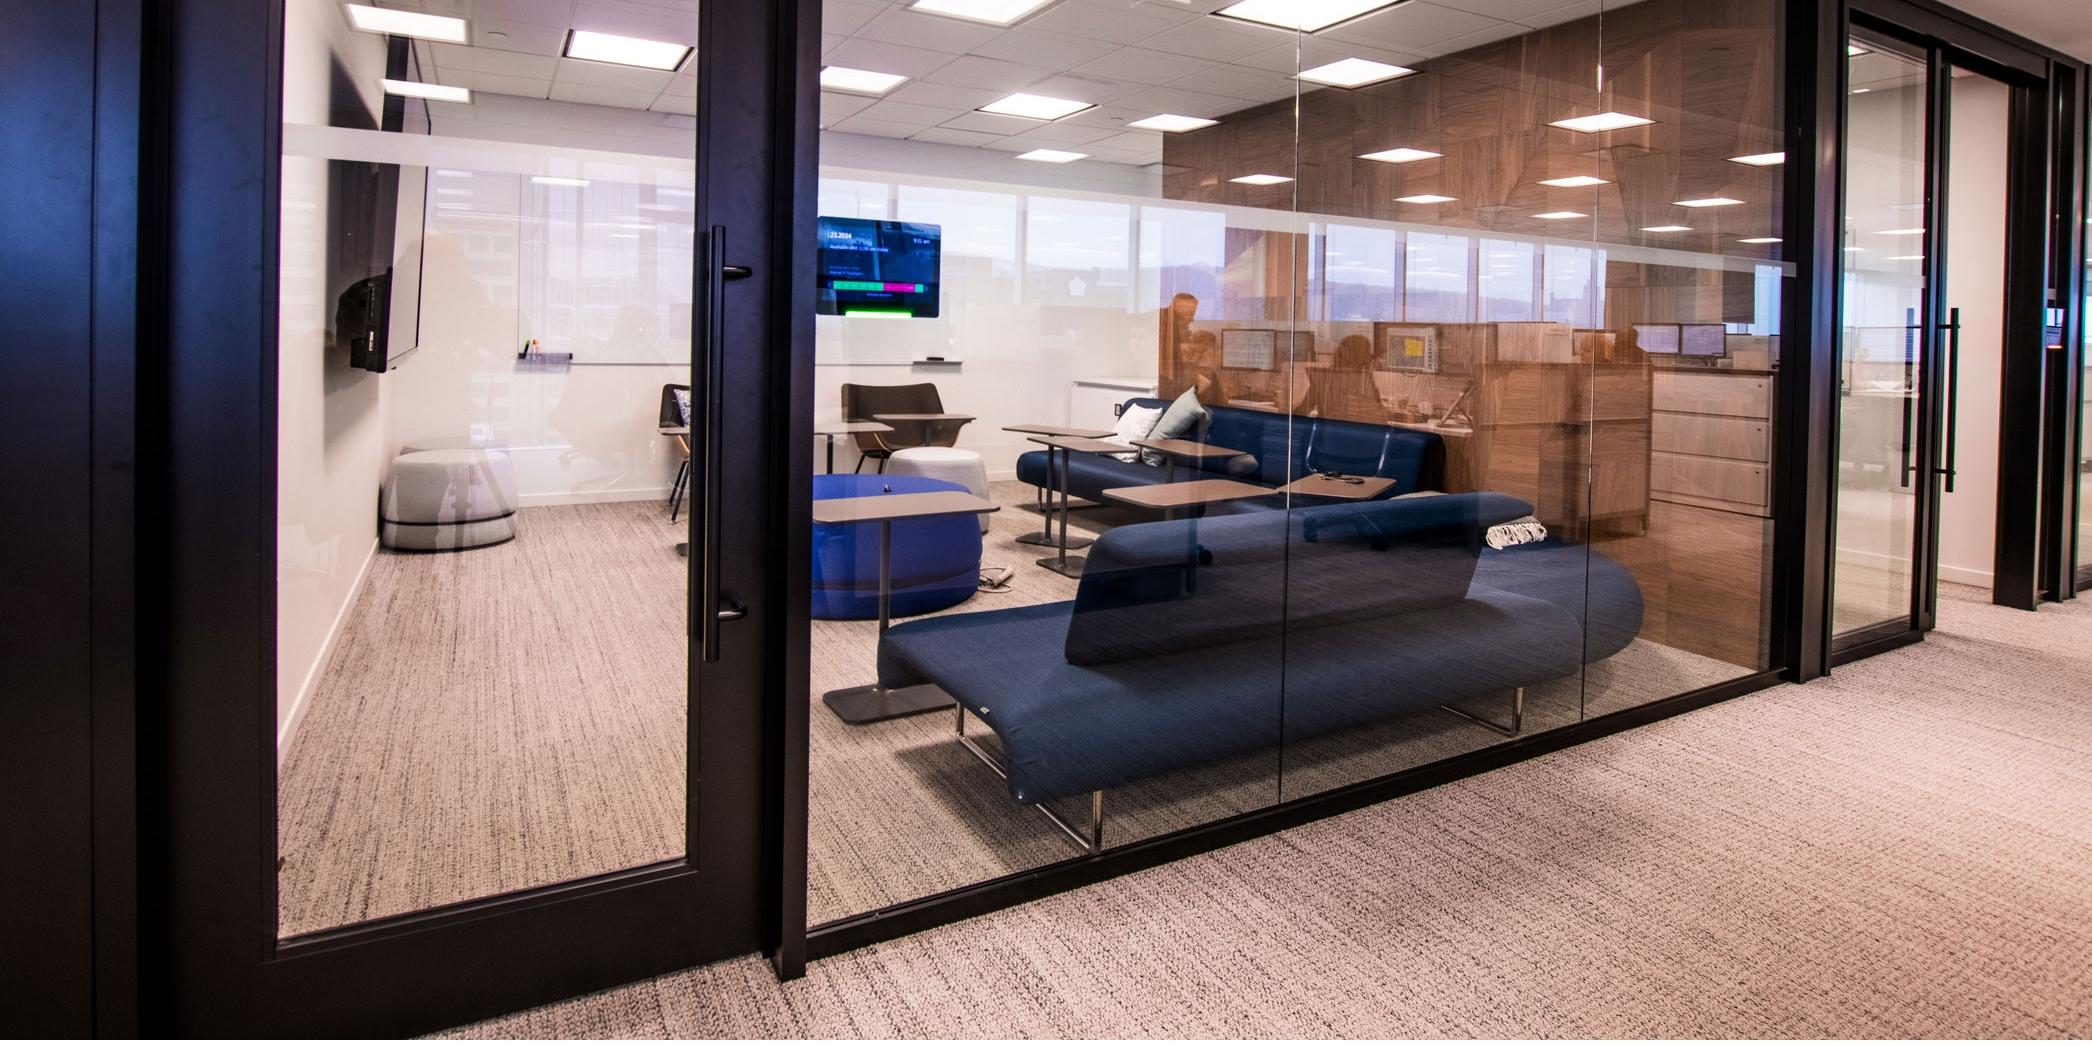 Glass walls surrounding break room